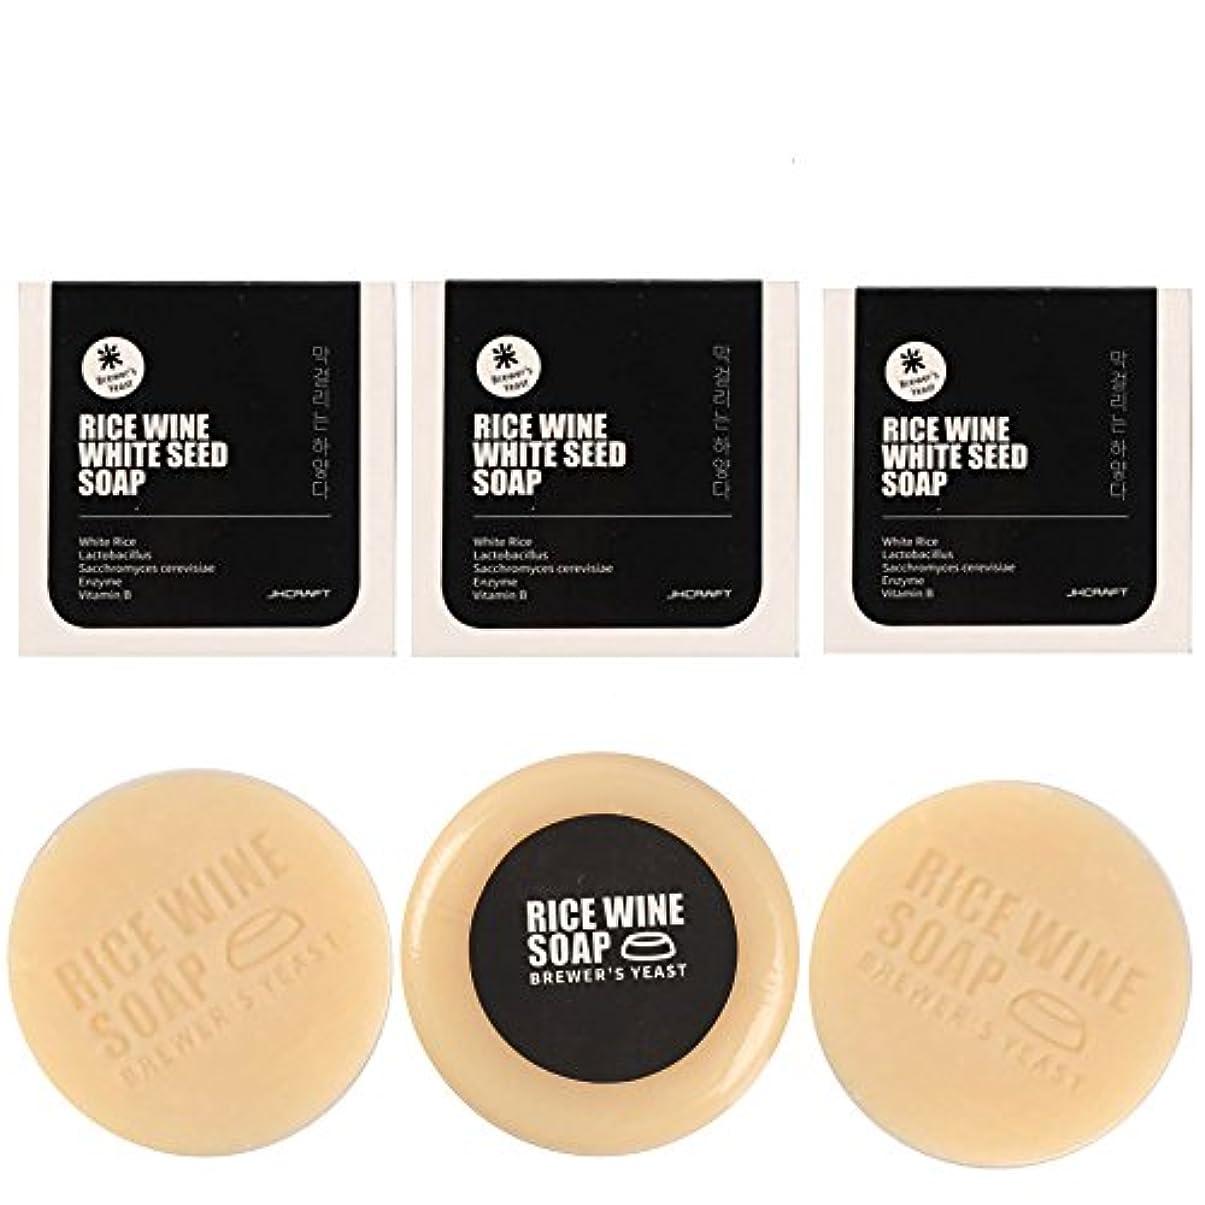 賛辞ピース硫黄JKCRAFT RICEWINE WHITE SEED SOAP マッコリ酵母石鹸 3pcs [並行輸入品]マッコリ酵母石鹸,無添加,無刺激,天然洗顔石鹸